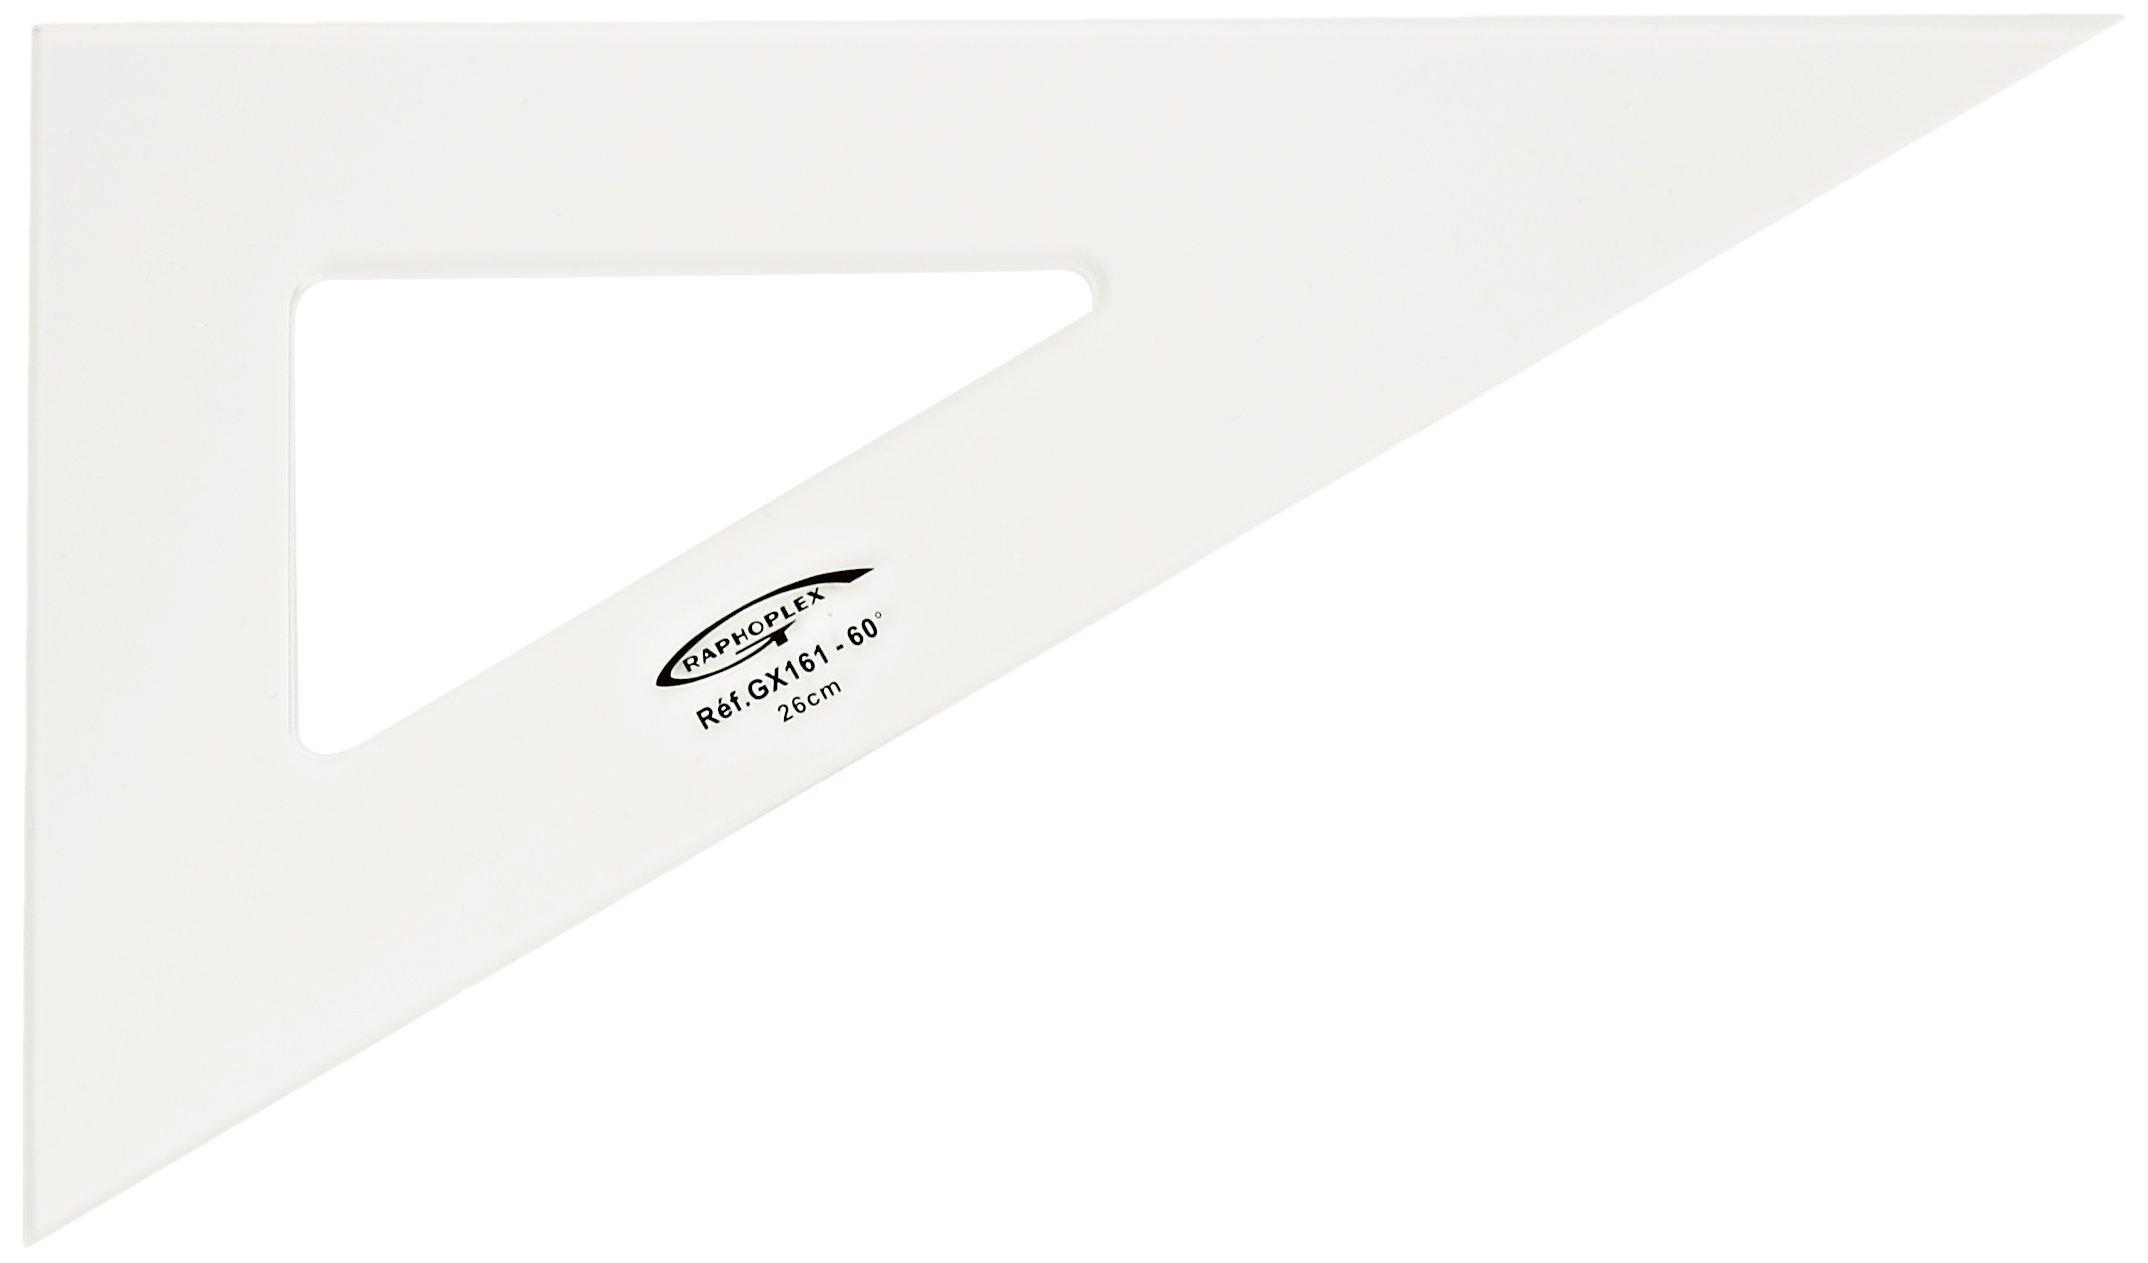 Graphoplex 60° Square 3 pieces Straight Edges 26 cm Transparent